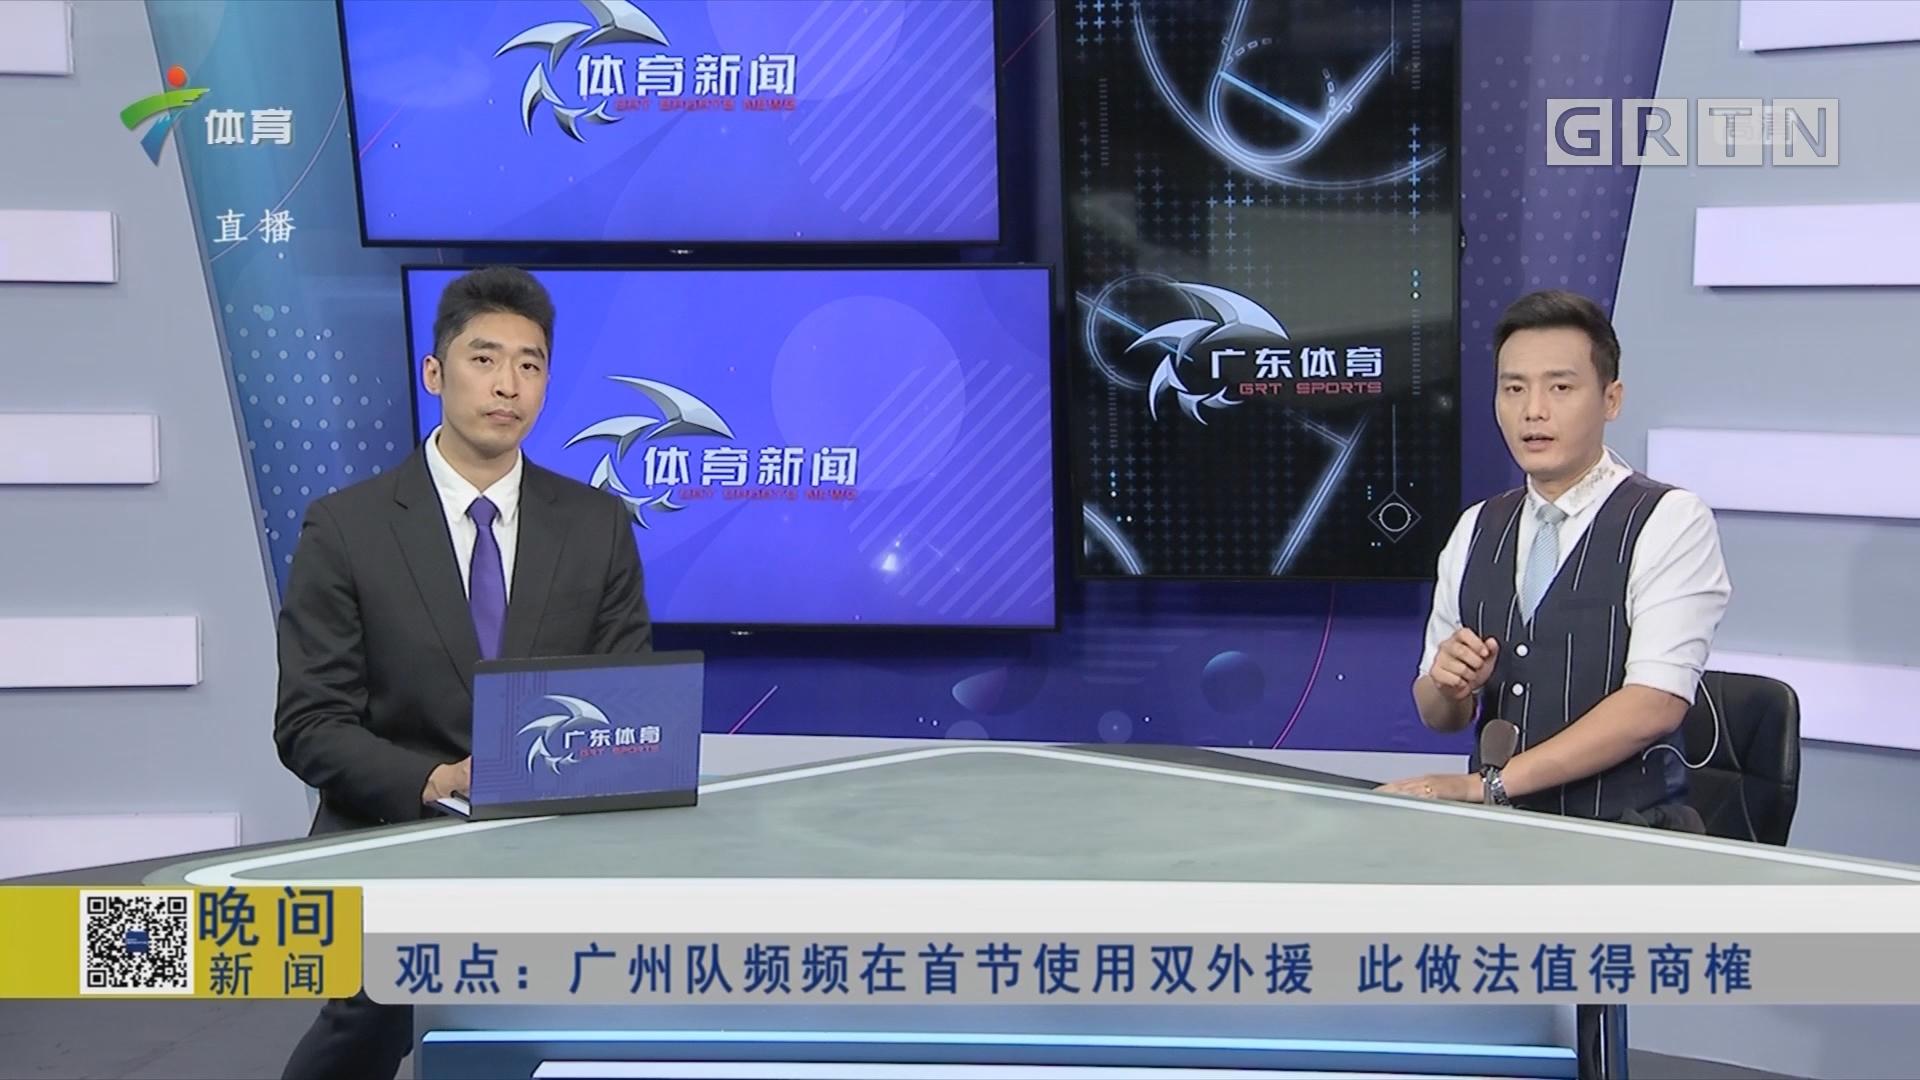 观点:广州队频频在首节使用双外援 此做法值得商榷